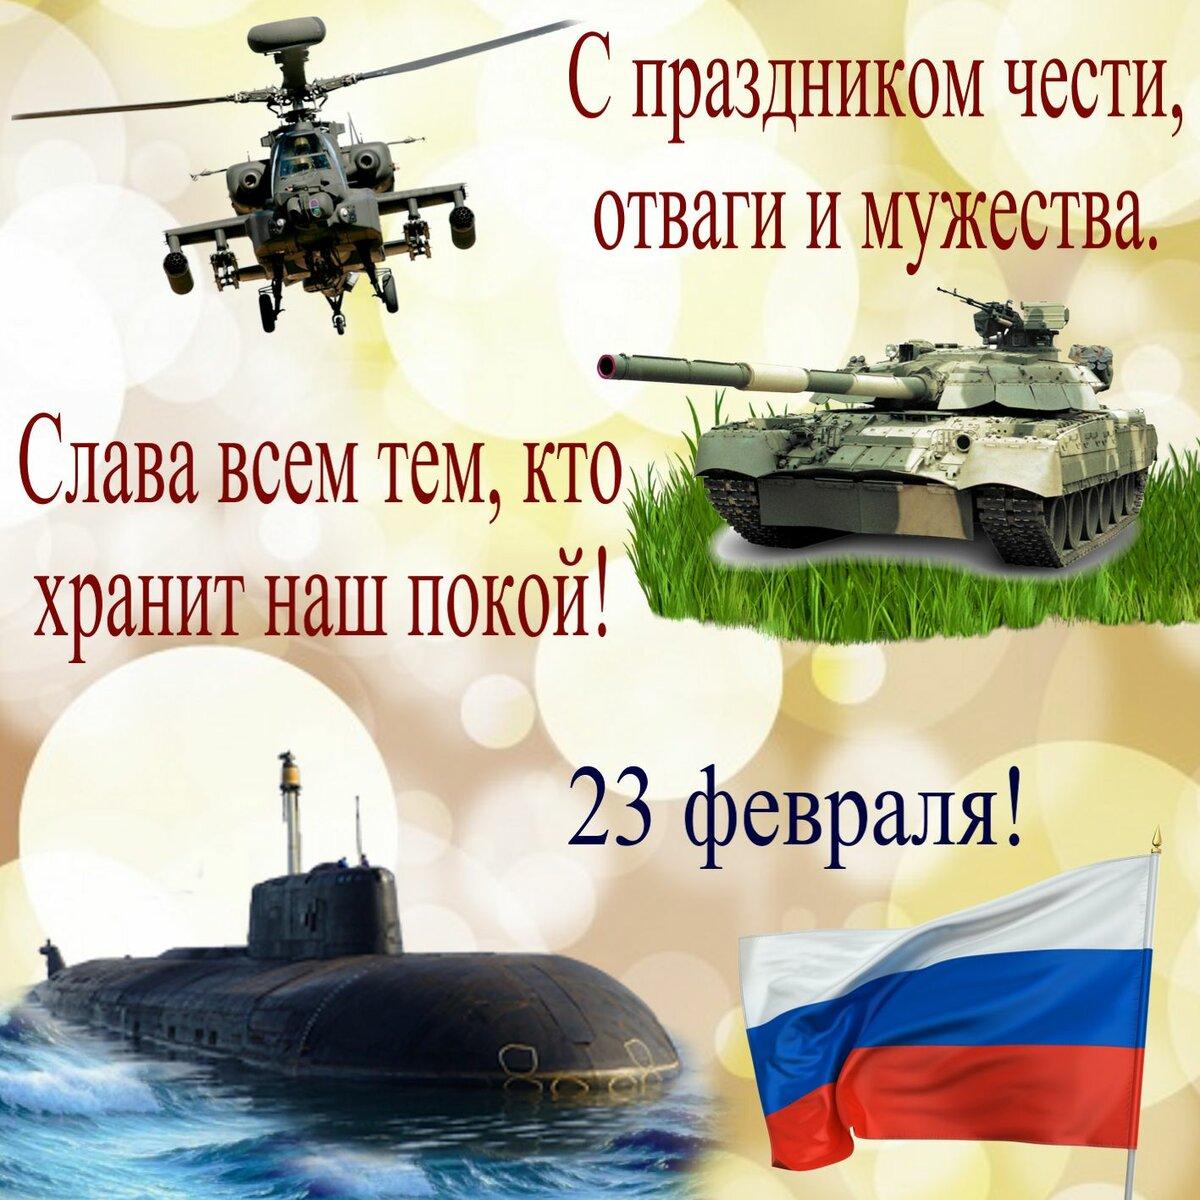 Поздравление в открытках военному, поздравительная гиф открытки